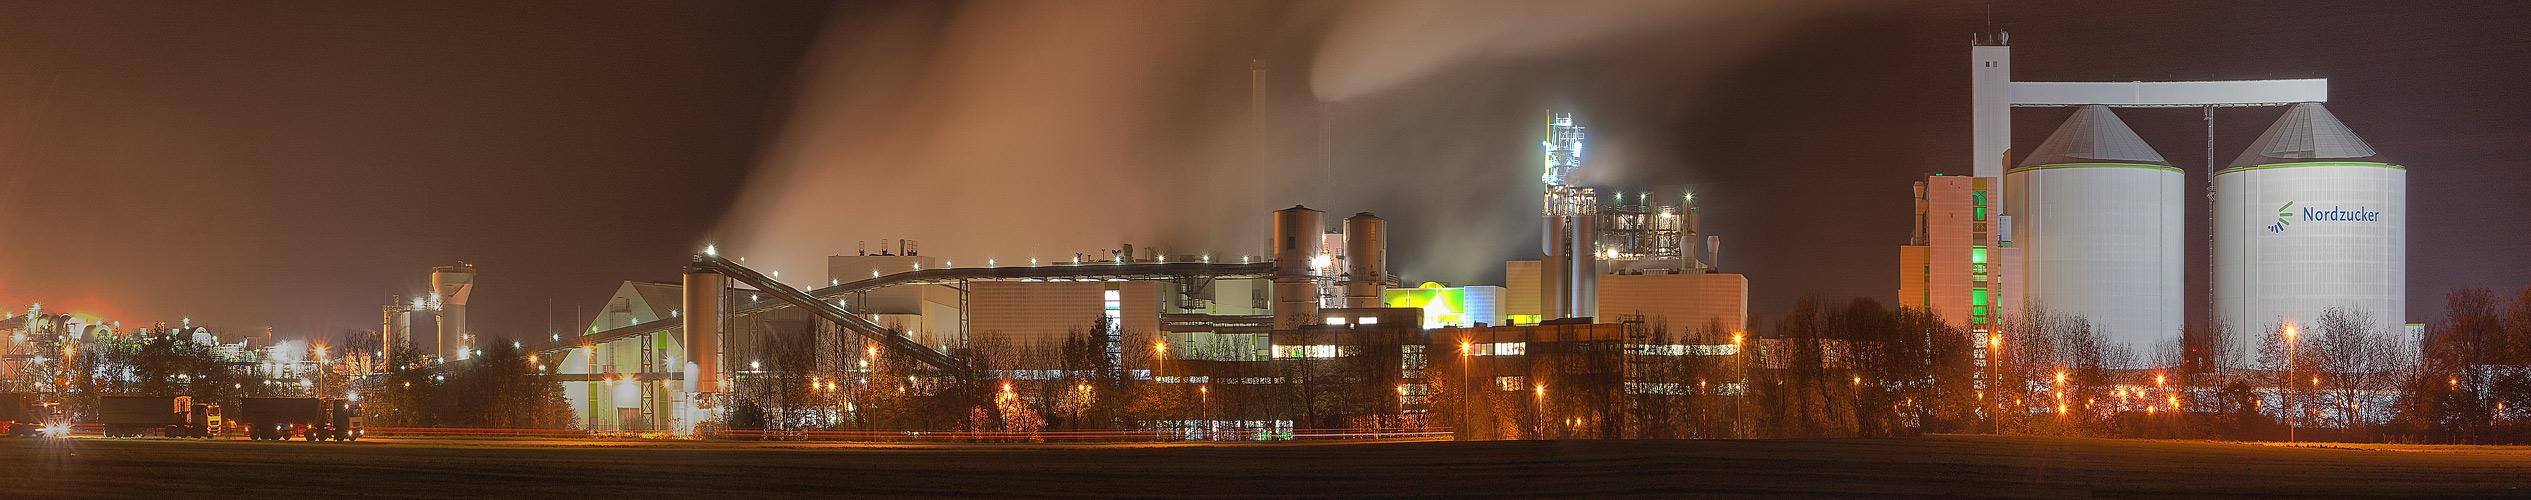 Zuckerfabrik Klein Wanzleben...